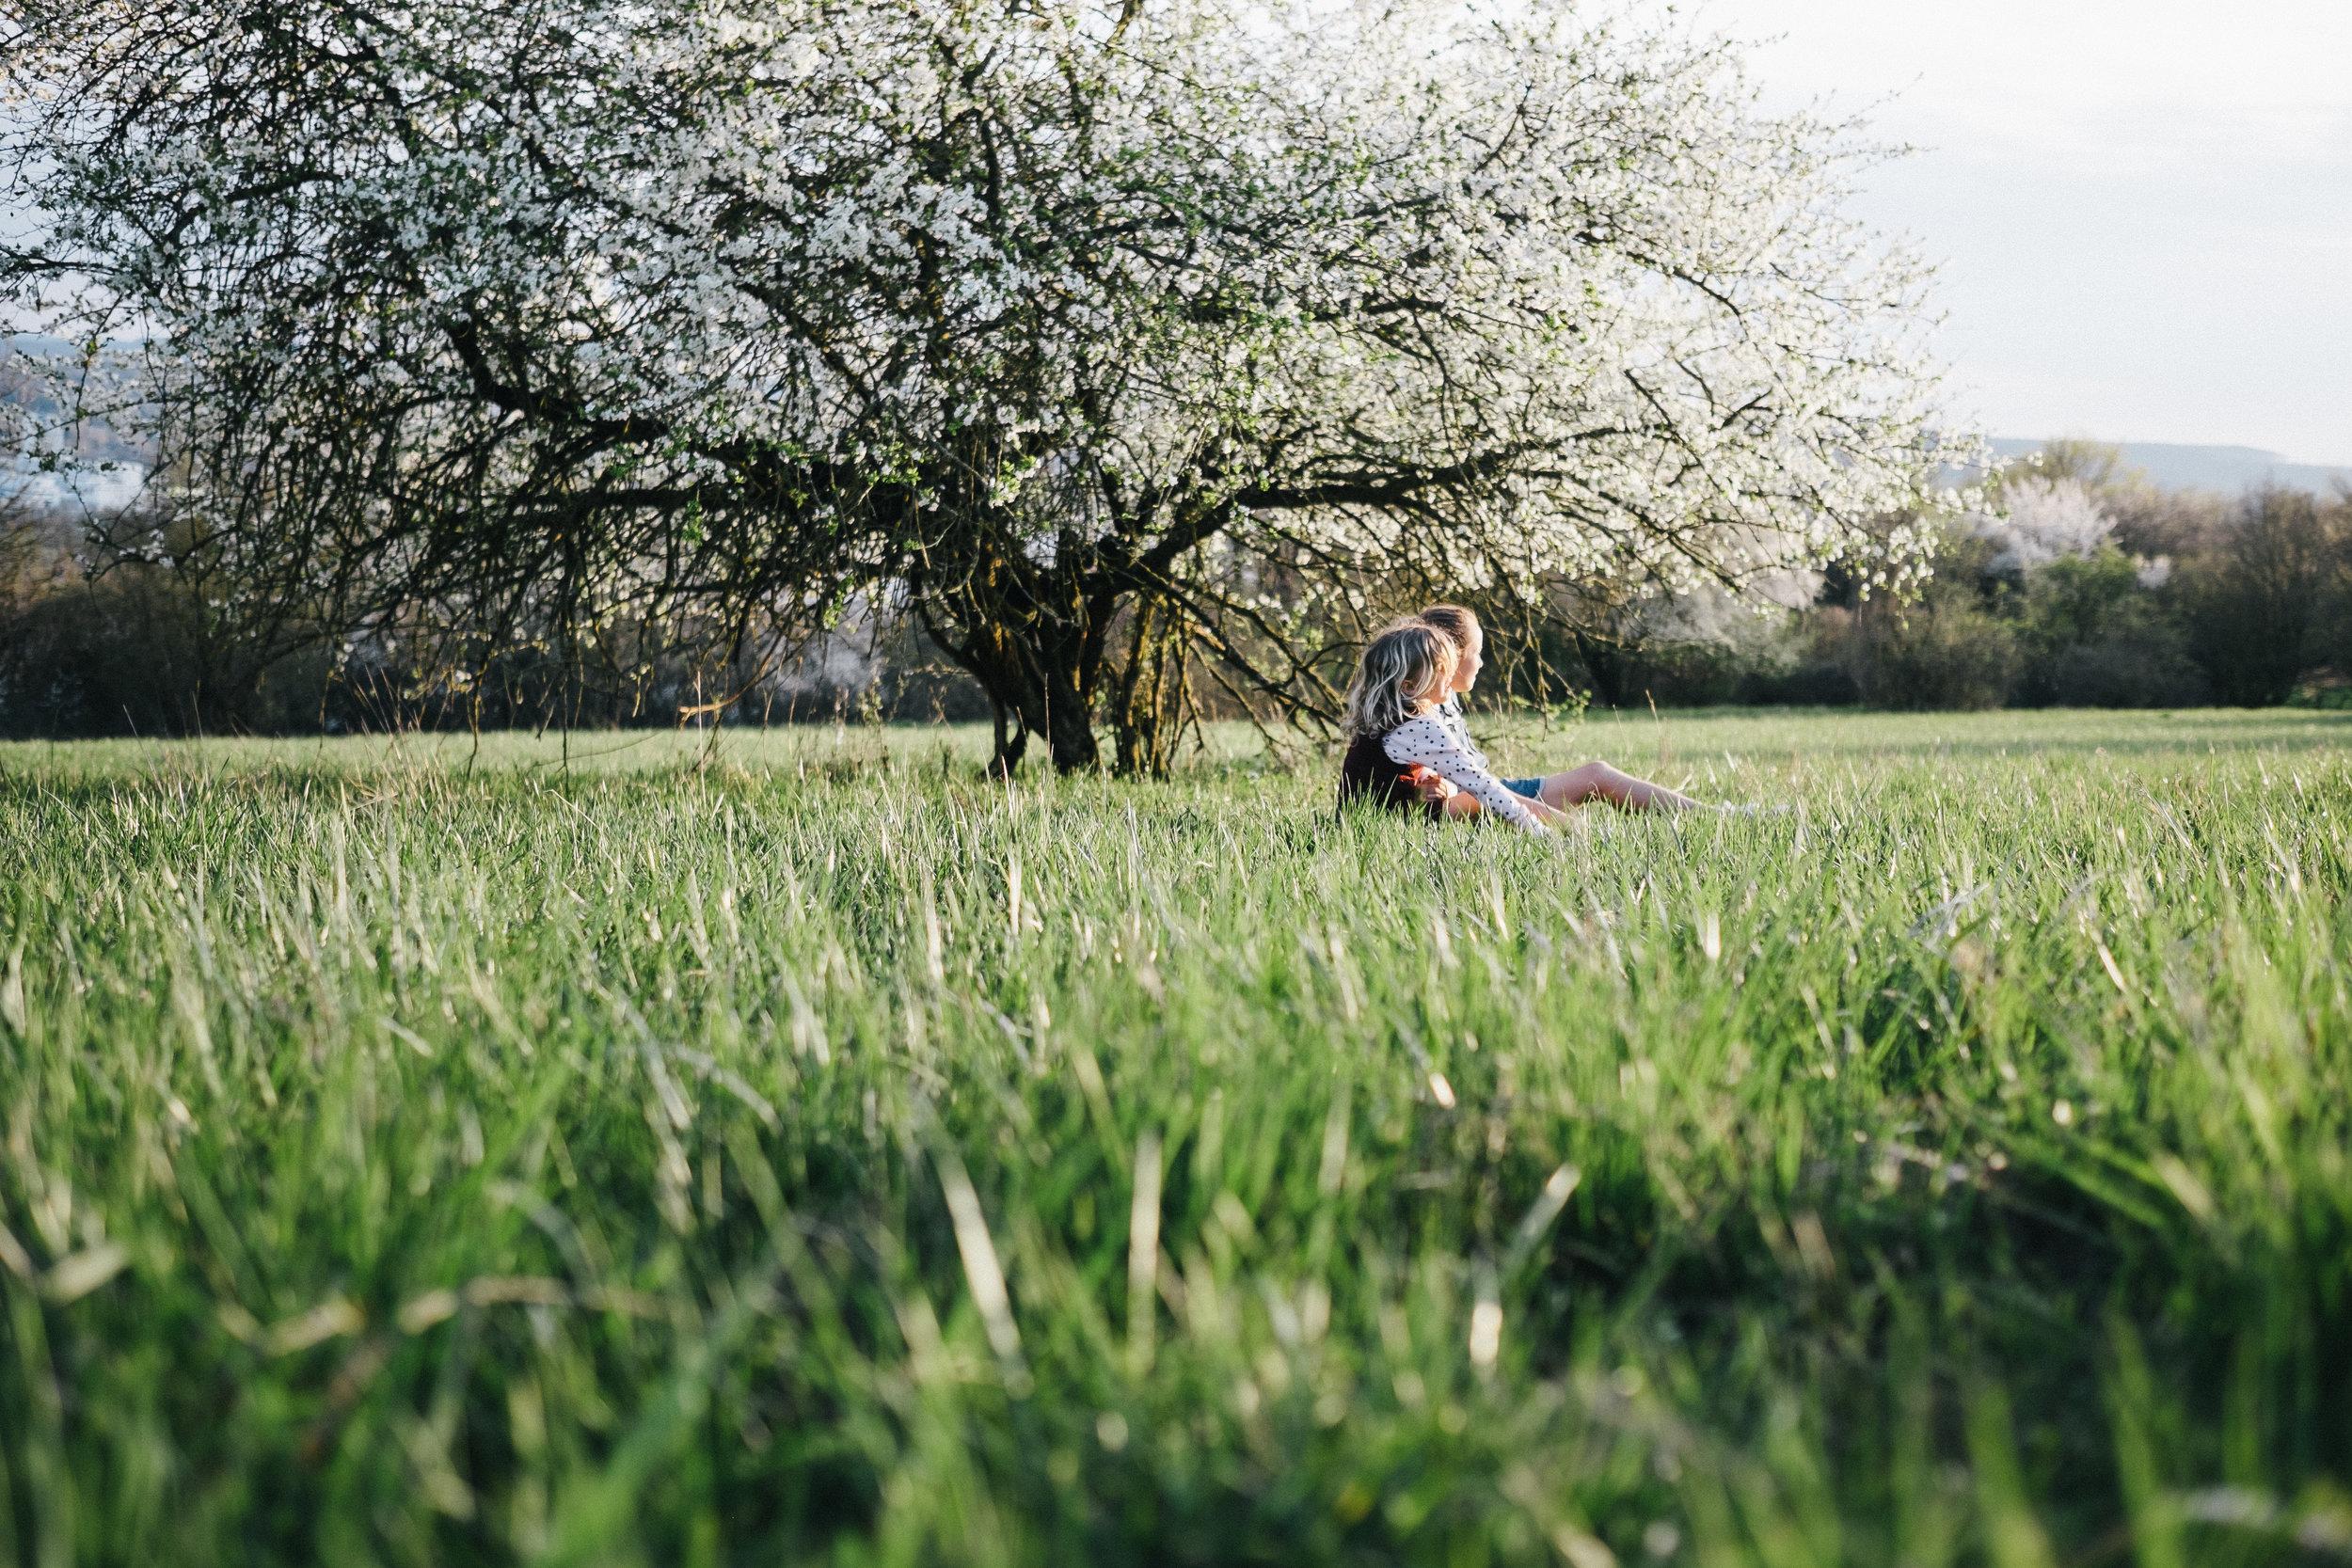 Streuobstwiese - Viola Mueller-Gerbes Photography-10.jpg